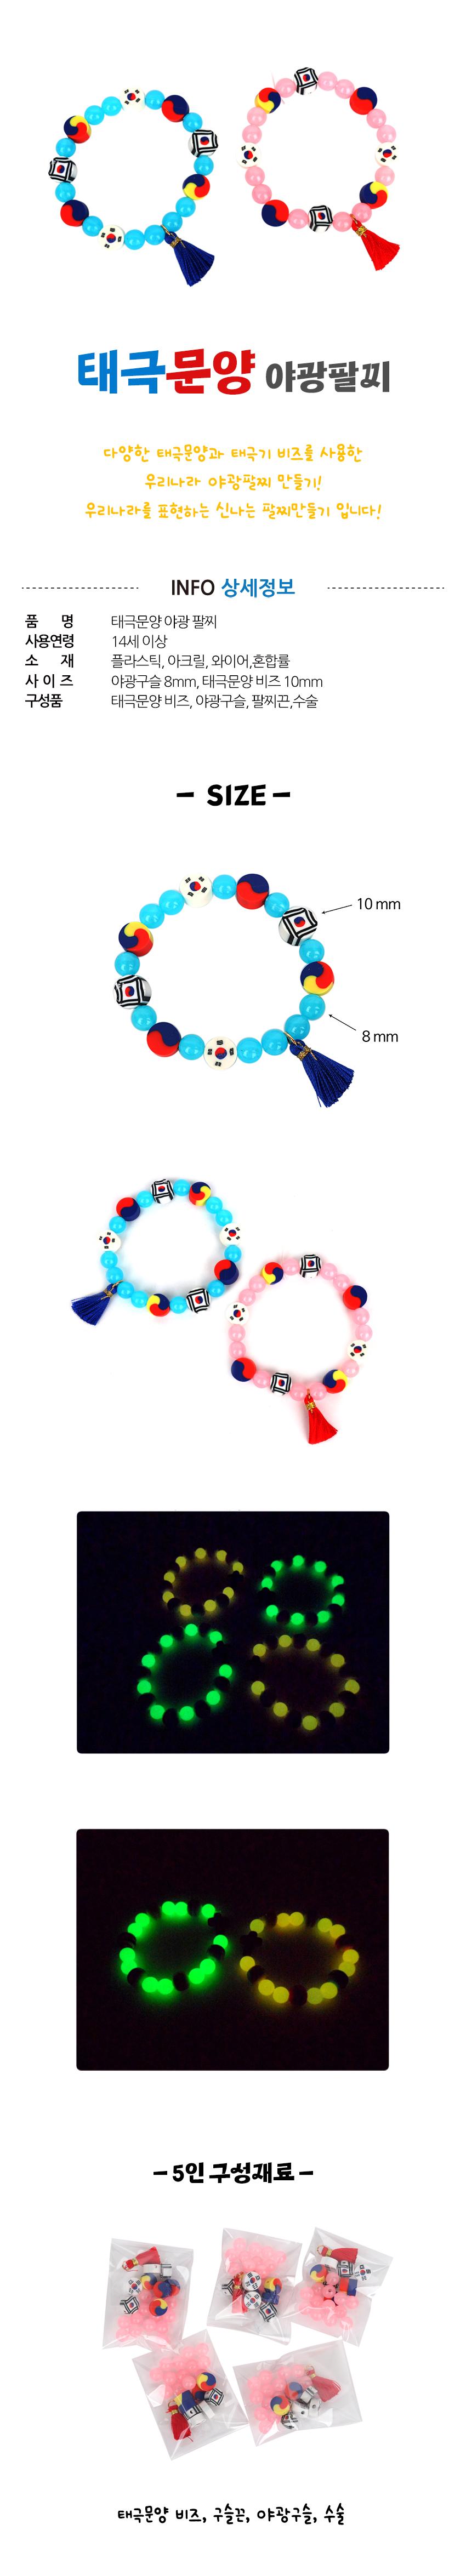 태극문양 야광팔찌 5인용 - 미술샘, 6,500원, 펠트공예, 열쇠고리/소품 패키지